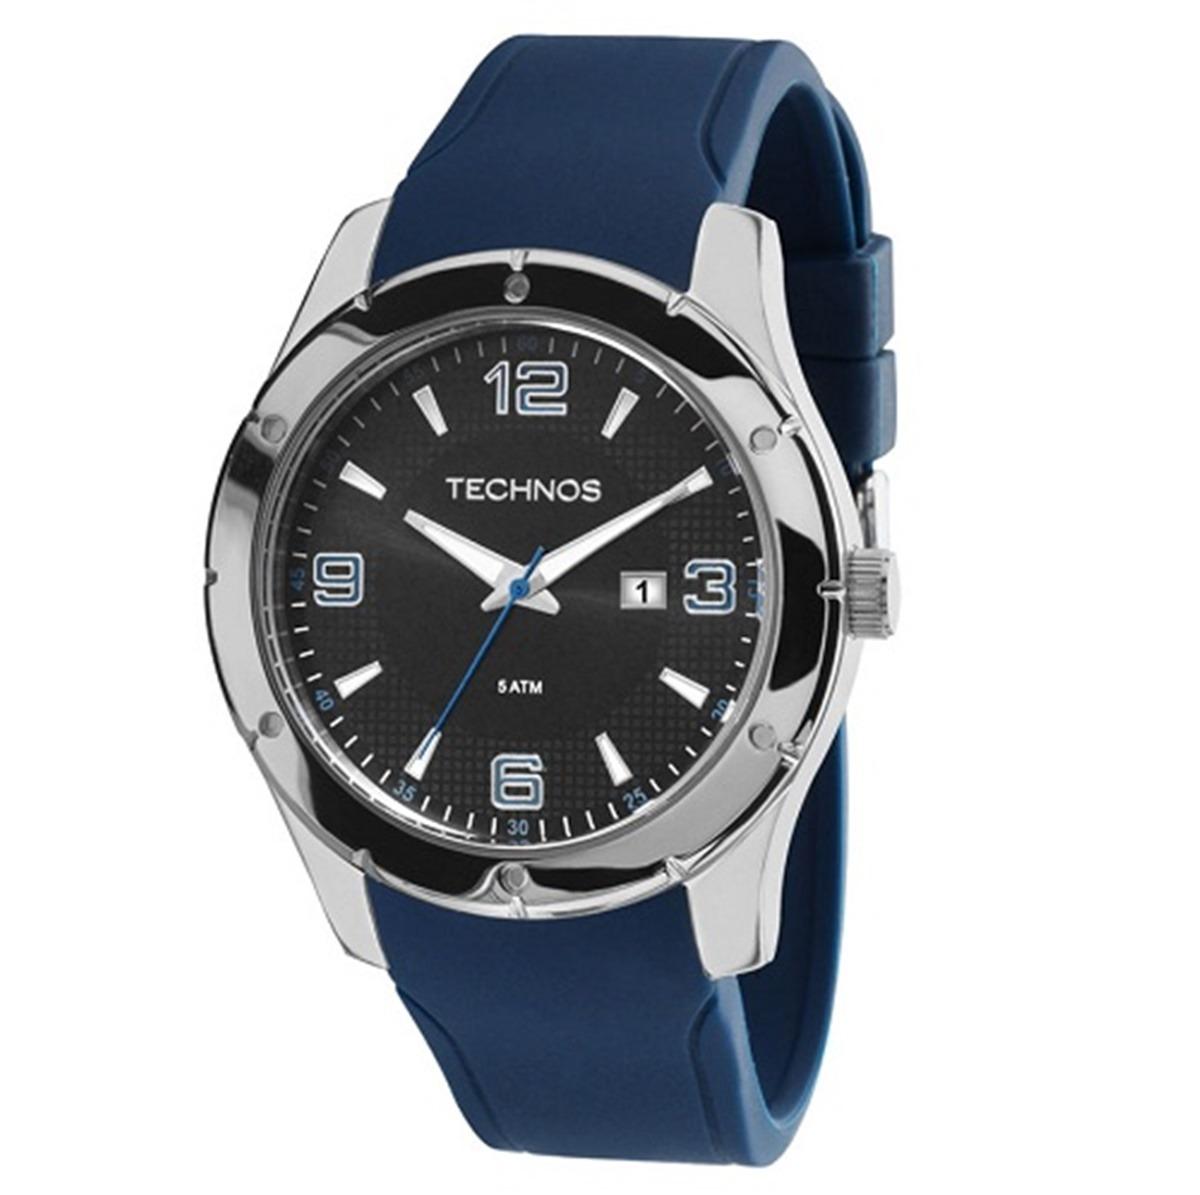 e4a7b0050015c relógio technos masculino esportivo 5 atm 2115mks8p. Carregando zoom.